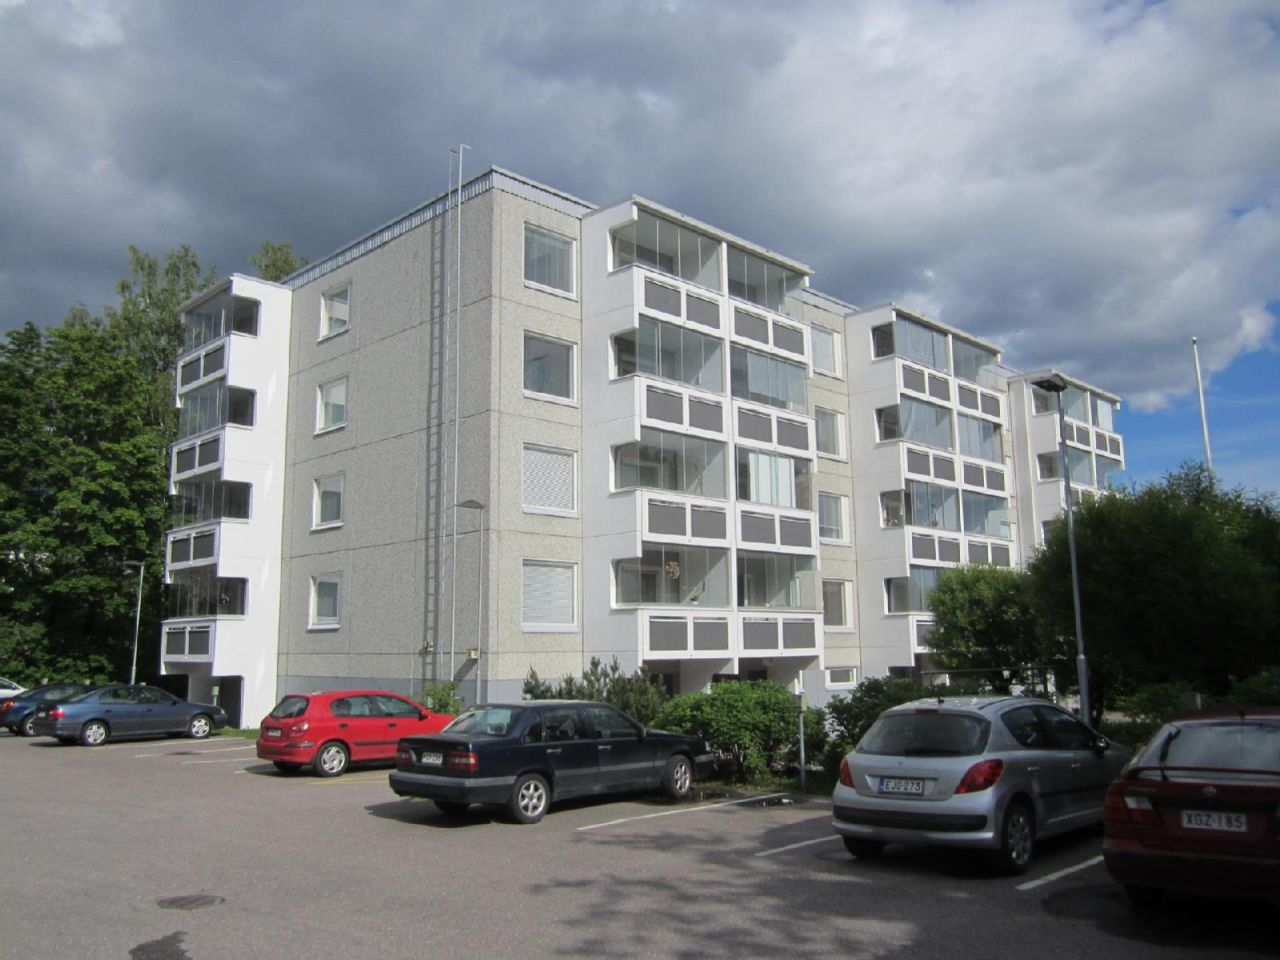 Квартира в Лаппеенранте, Финляндия, 73.5 м2 - фото 1